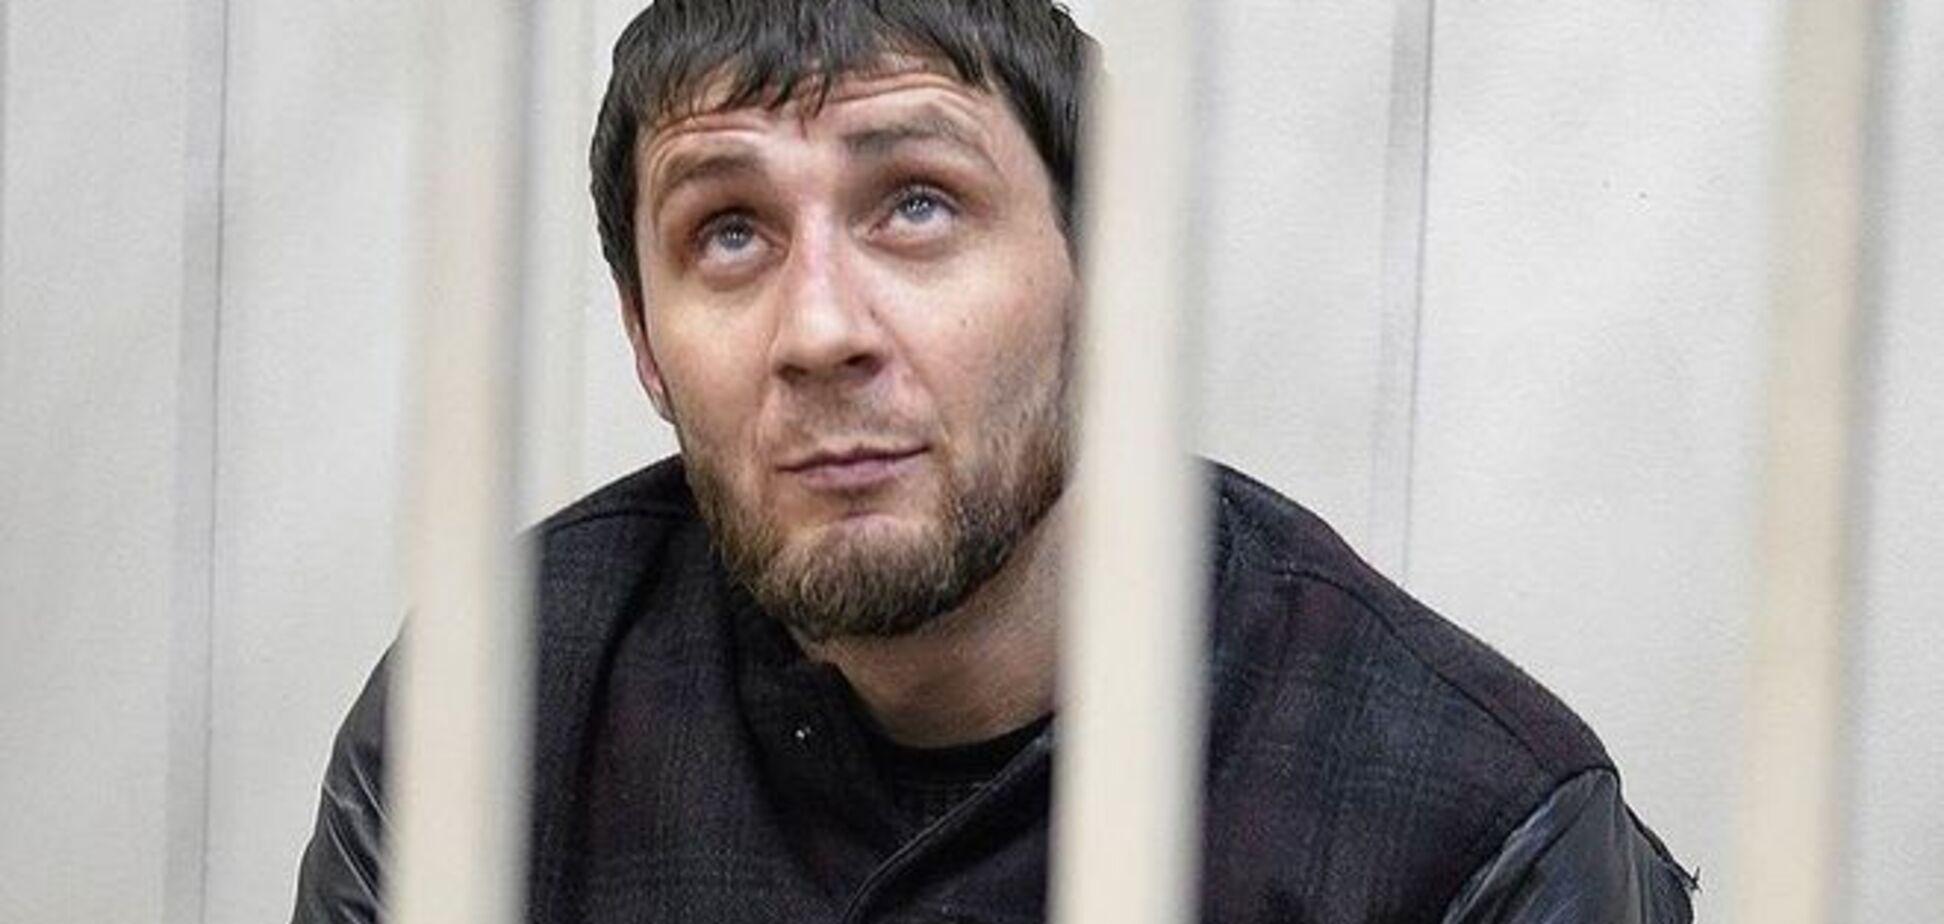 Адвокат обвиняемого в убийстве Немцова: у Дадаева скудный словарный запас